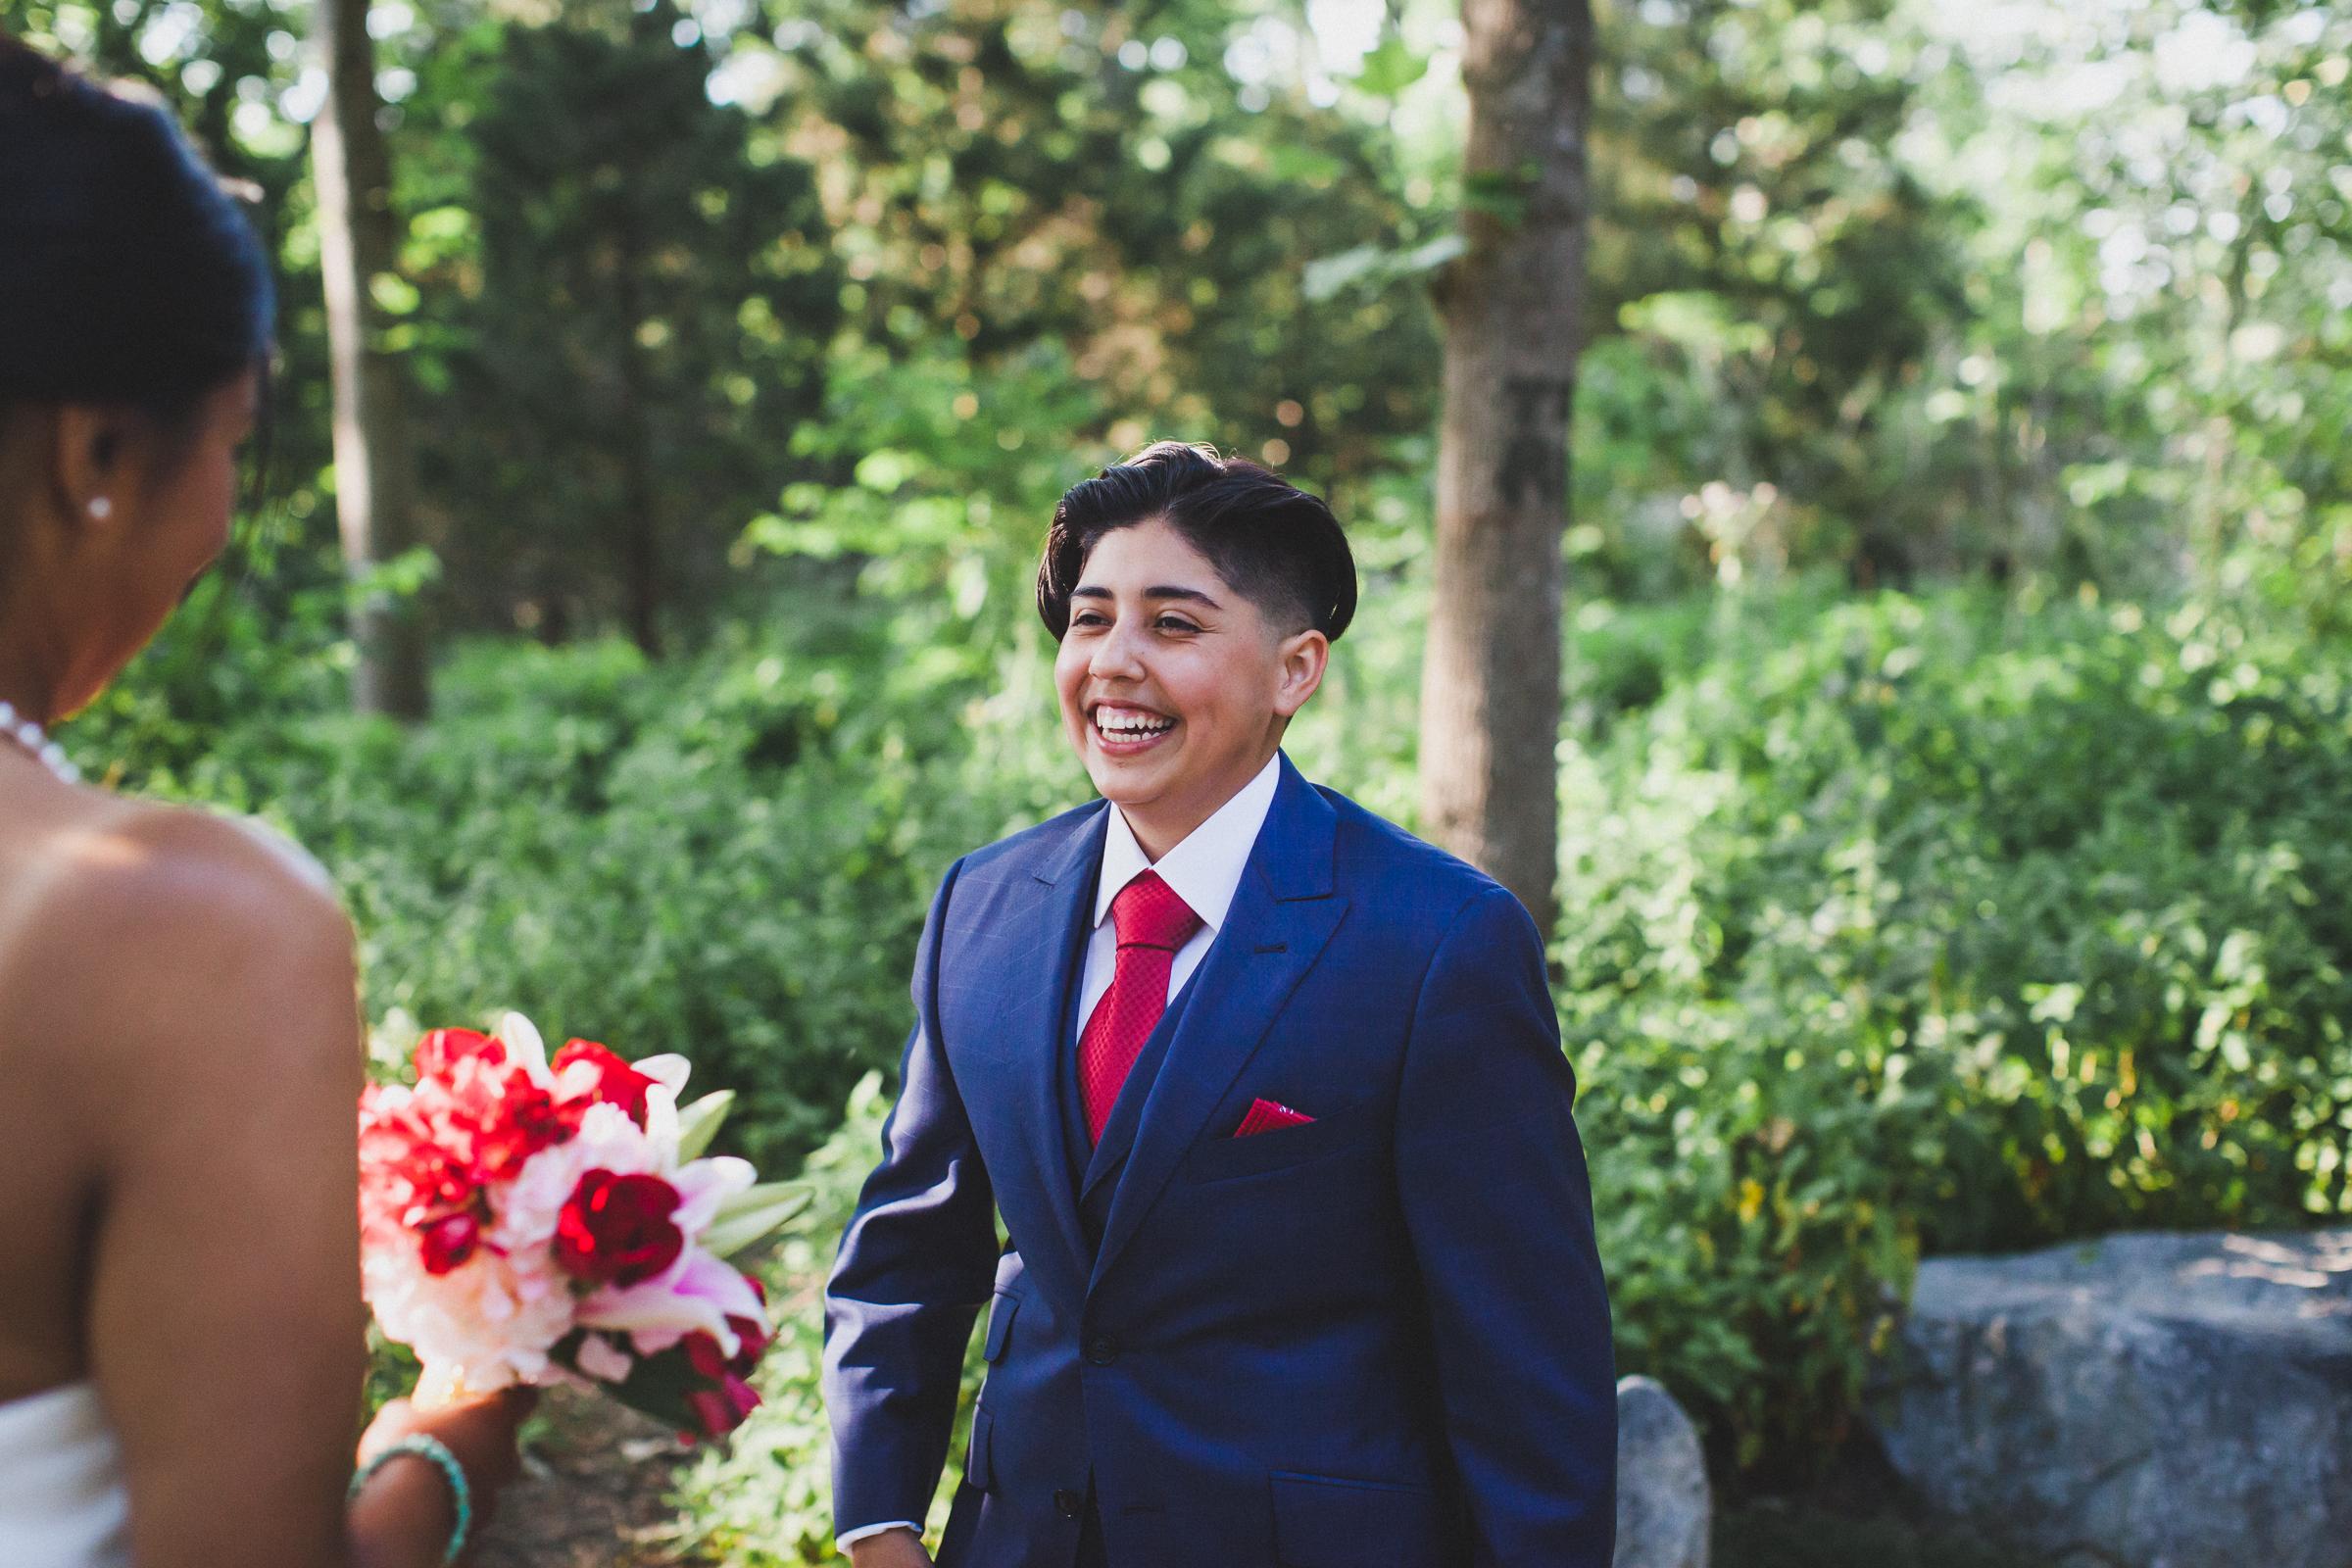 Long-Island-Documentary-Wedding-Photographer-Avalon-Park-Wedding-Photos-16.jpg